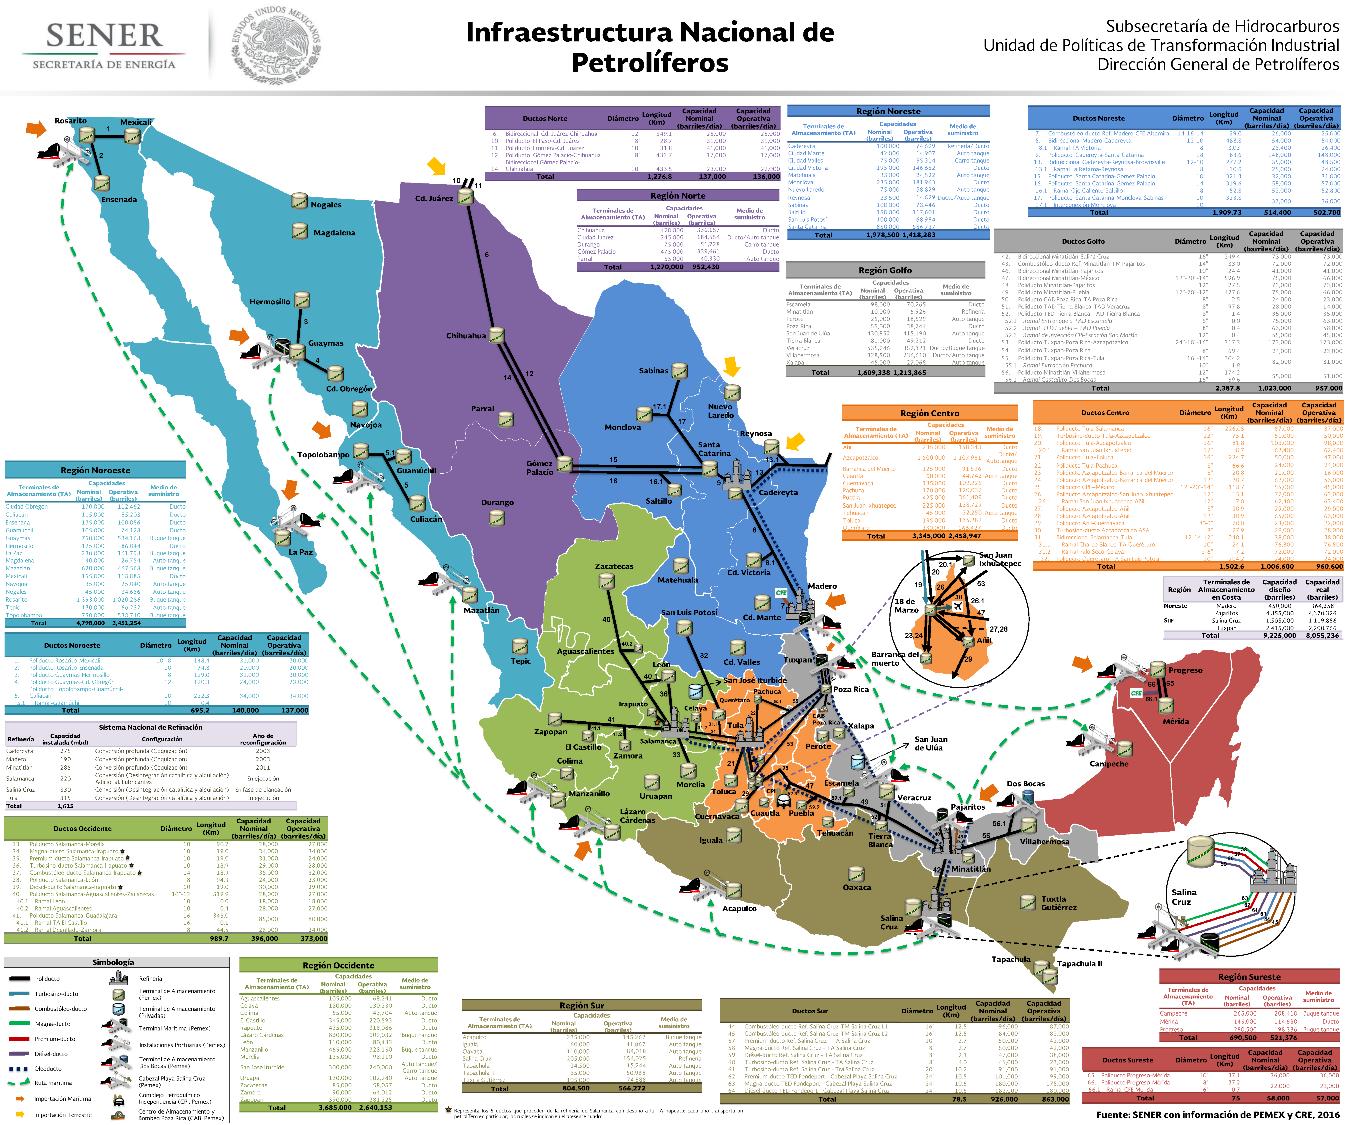 Infraestructura Nacional de Petrolíferos